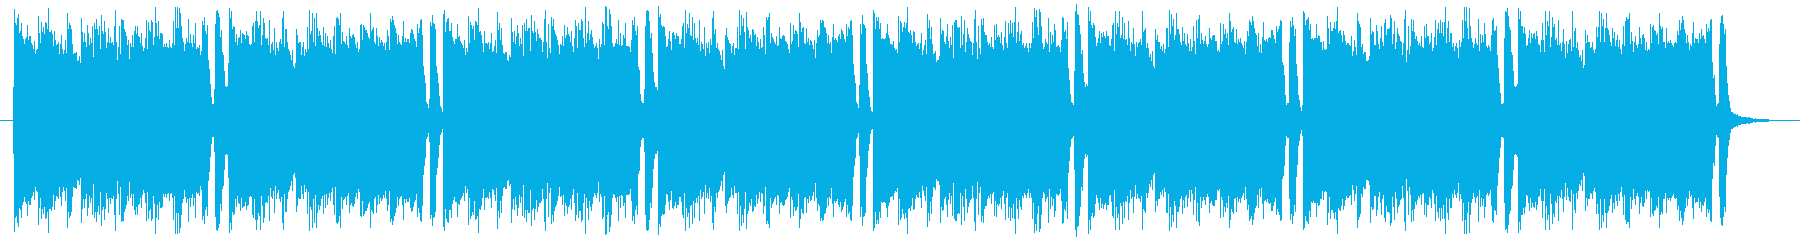 グランジ系ロック 編集版の再生済みの波形